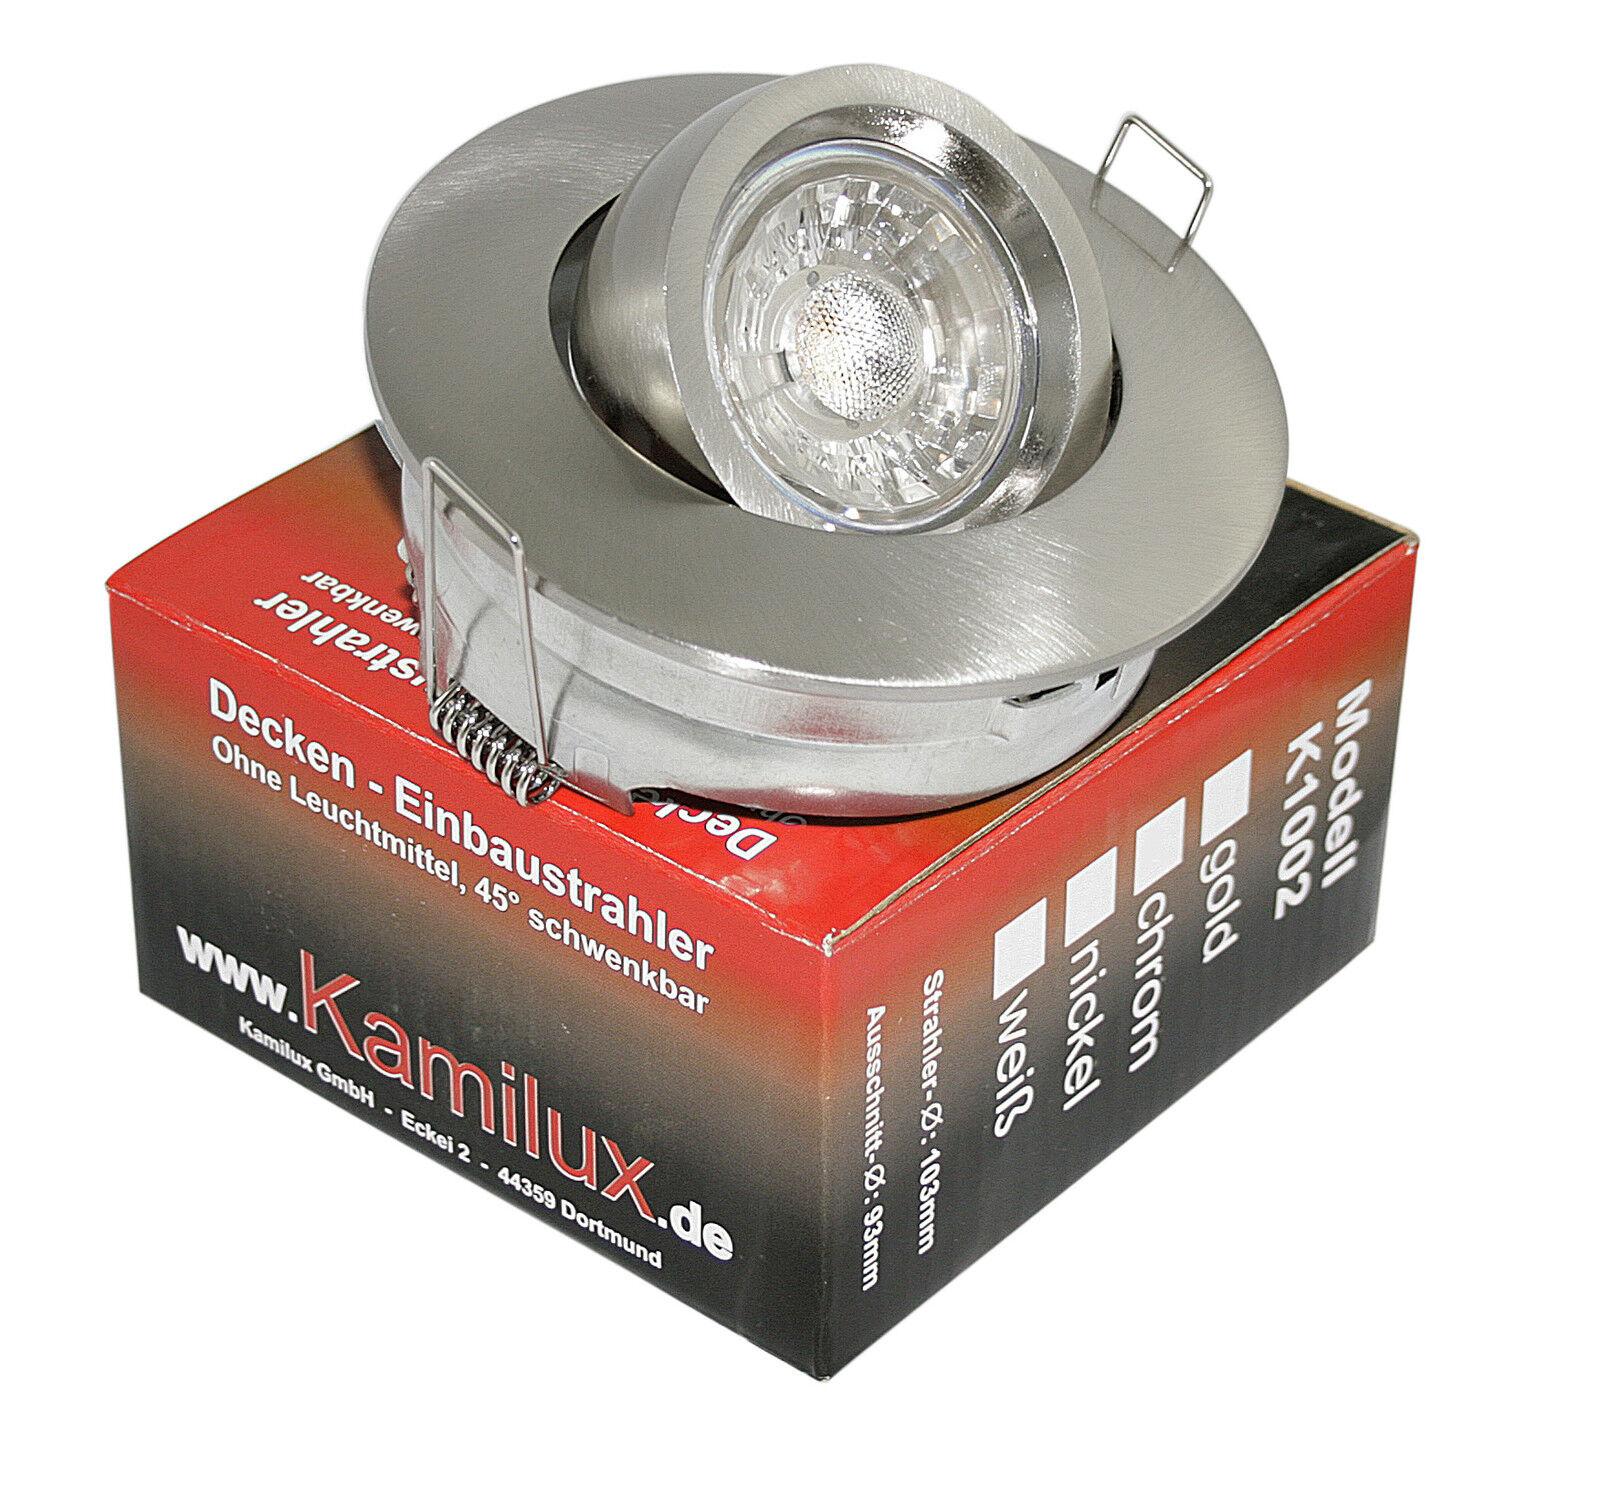 230V Spots Deckenstrahler gross Toni & 5W Power LED GU10 Leuchtmittel, rostfrei